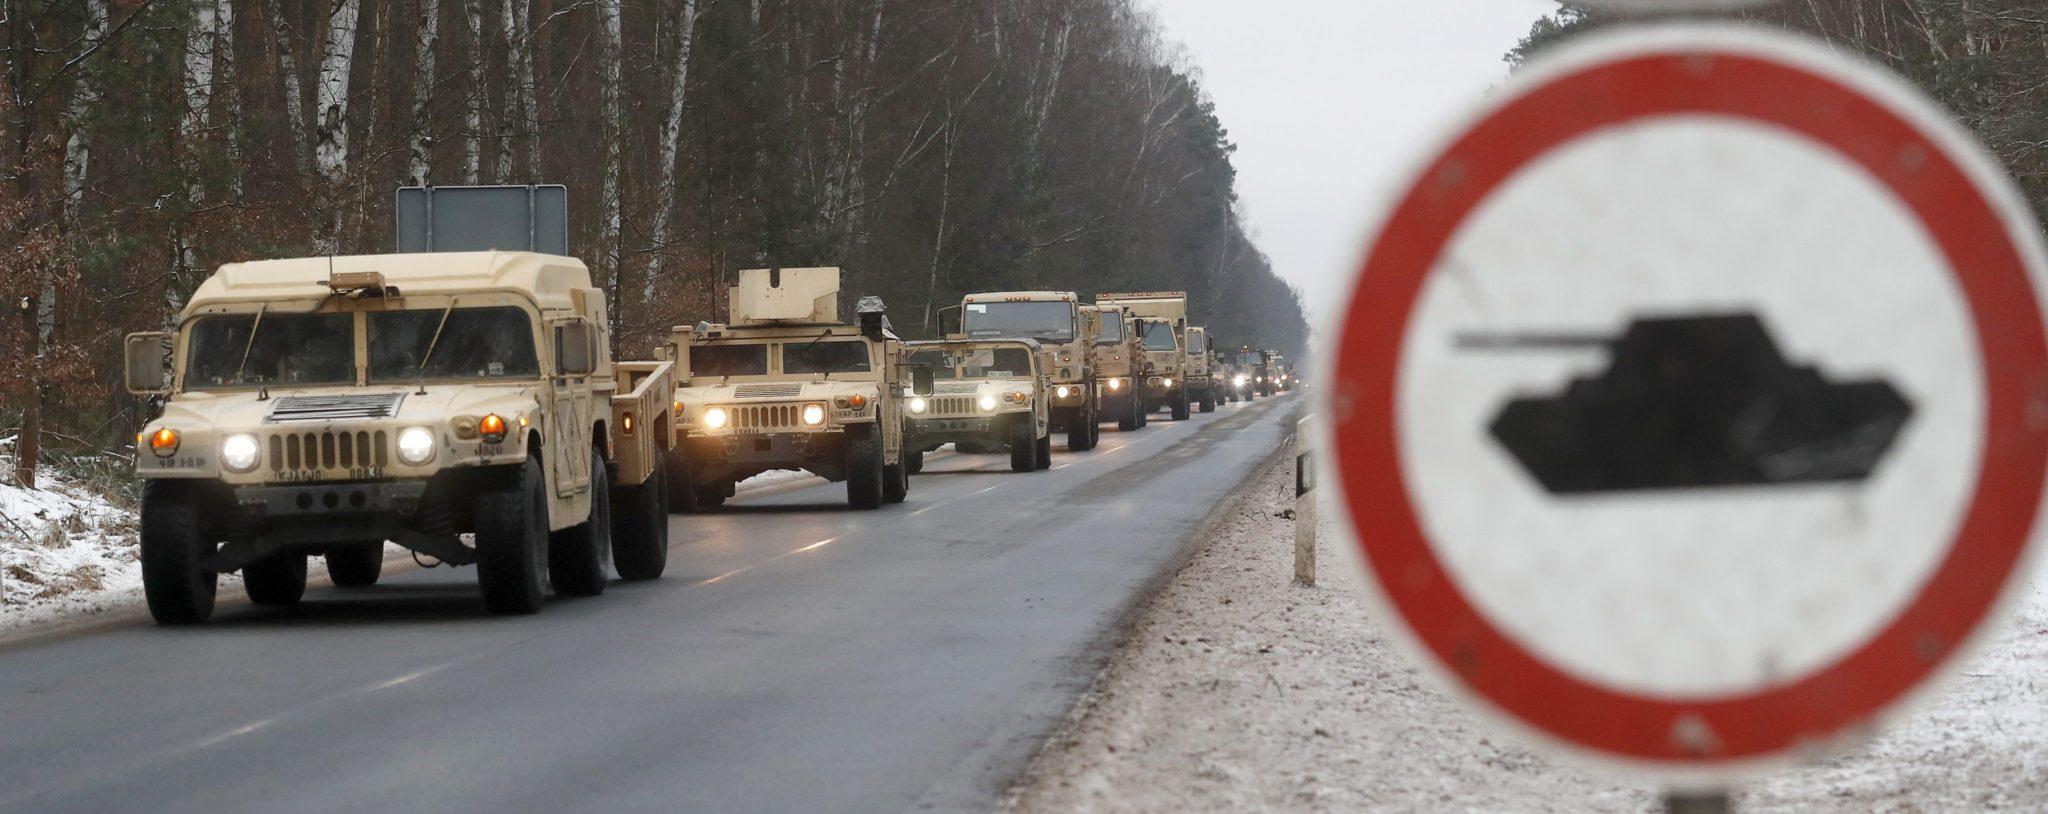 Niemcy: konwój wojsk USA zmierzający w kierunku Polski (foto. PAP/EPA/FELIPE TRUEBA)